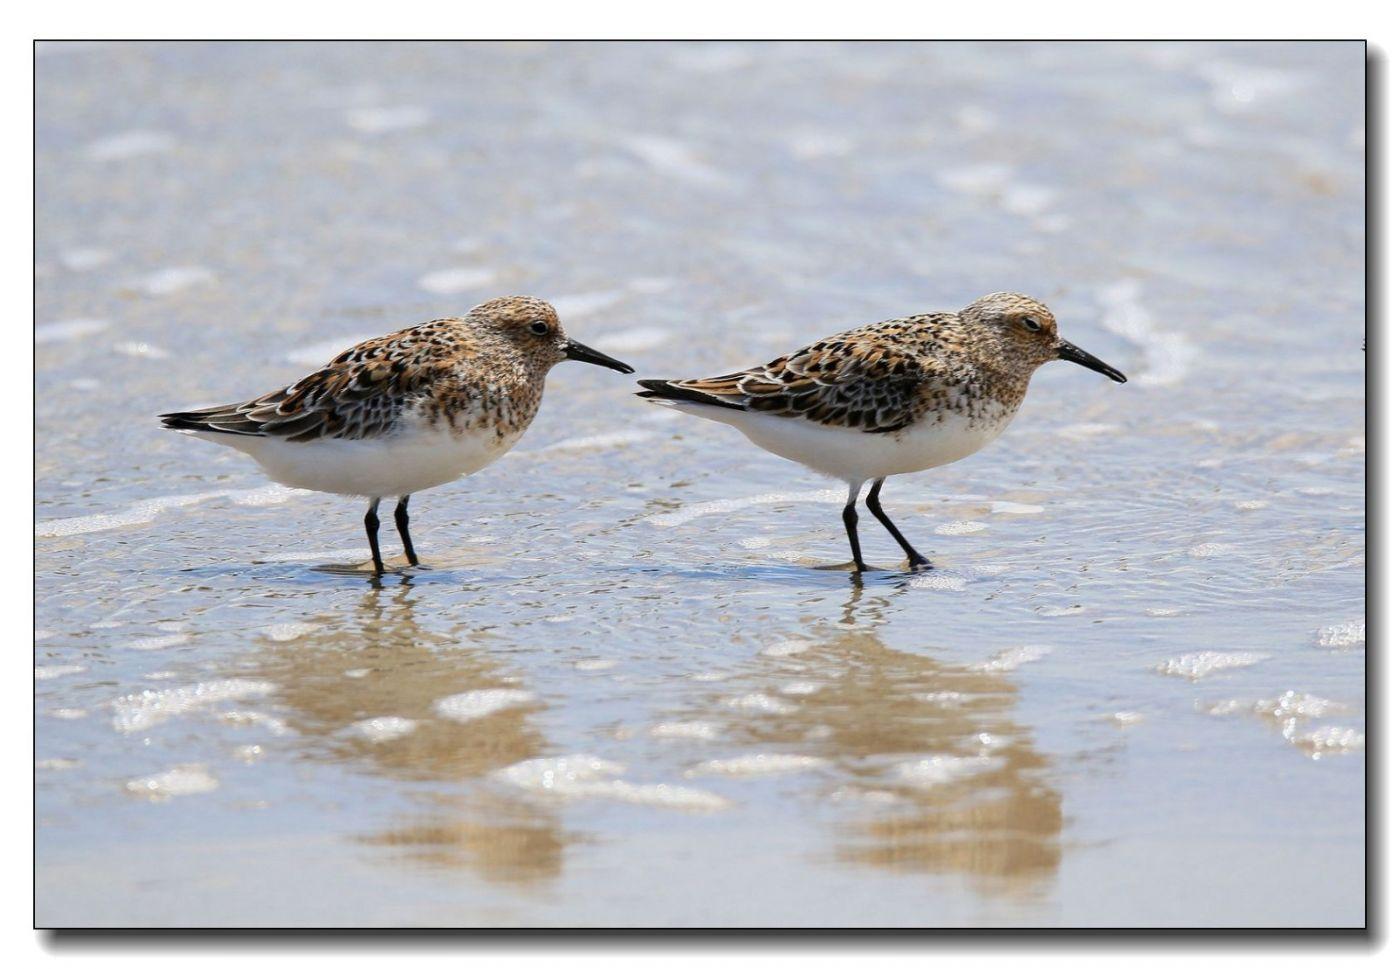 洛克威海滩拍鸟—滨鹬_图1-6